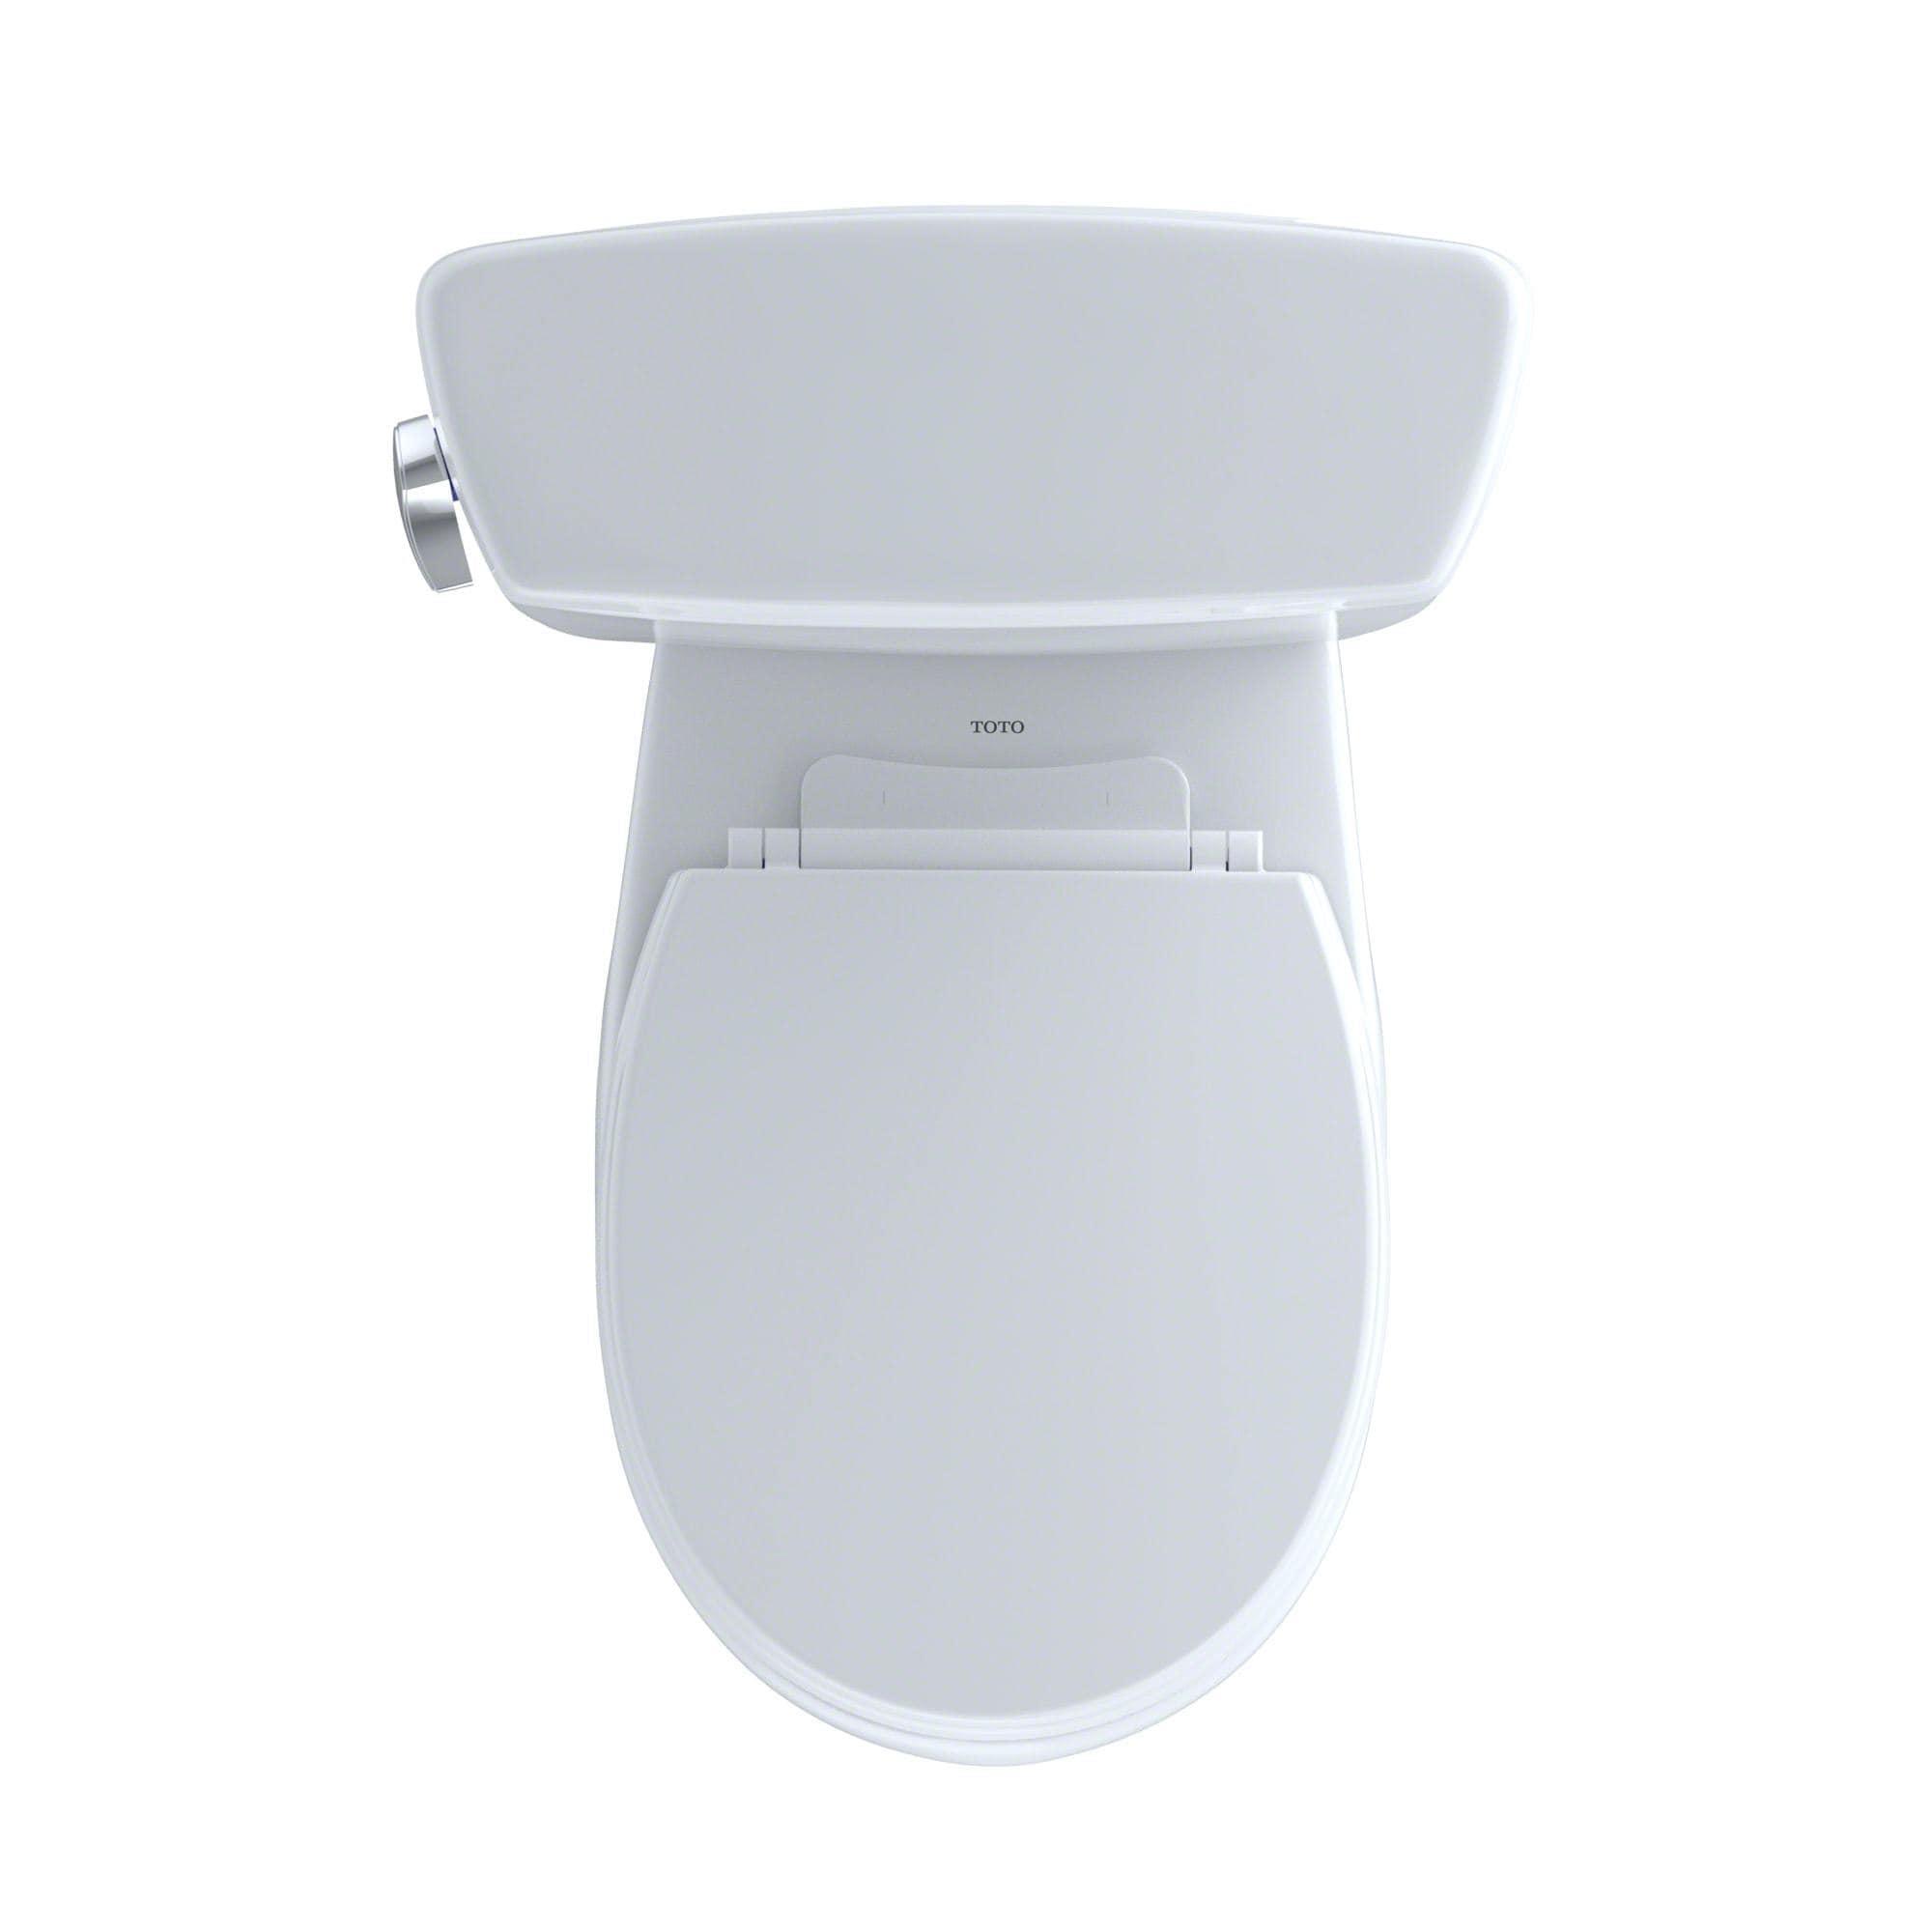 Toto Cw421jsw420jp Putih2 Daftar Harga Terbaru Dan Terlengkap Tx403sb Shower Spray With Stop Valve Putih Shop Drake Two Piece Round 16 Gpf Toilet Cst743s01 Cotton